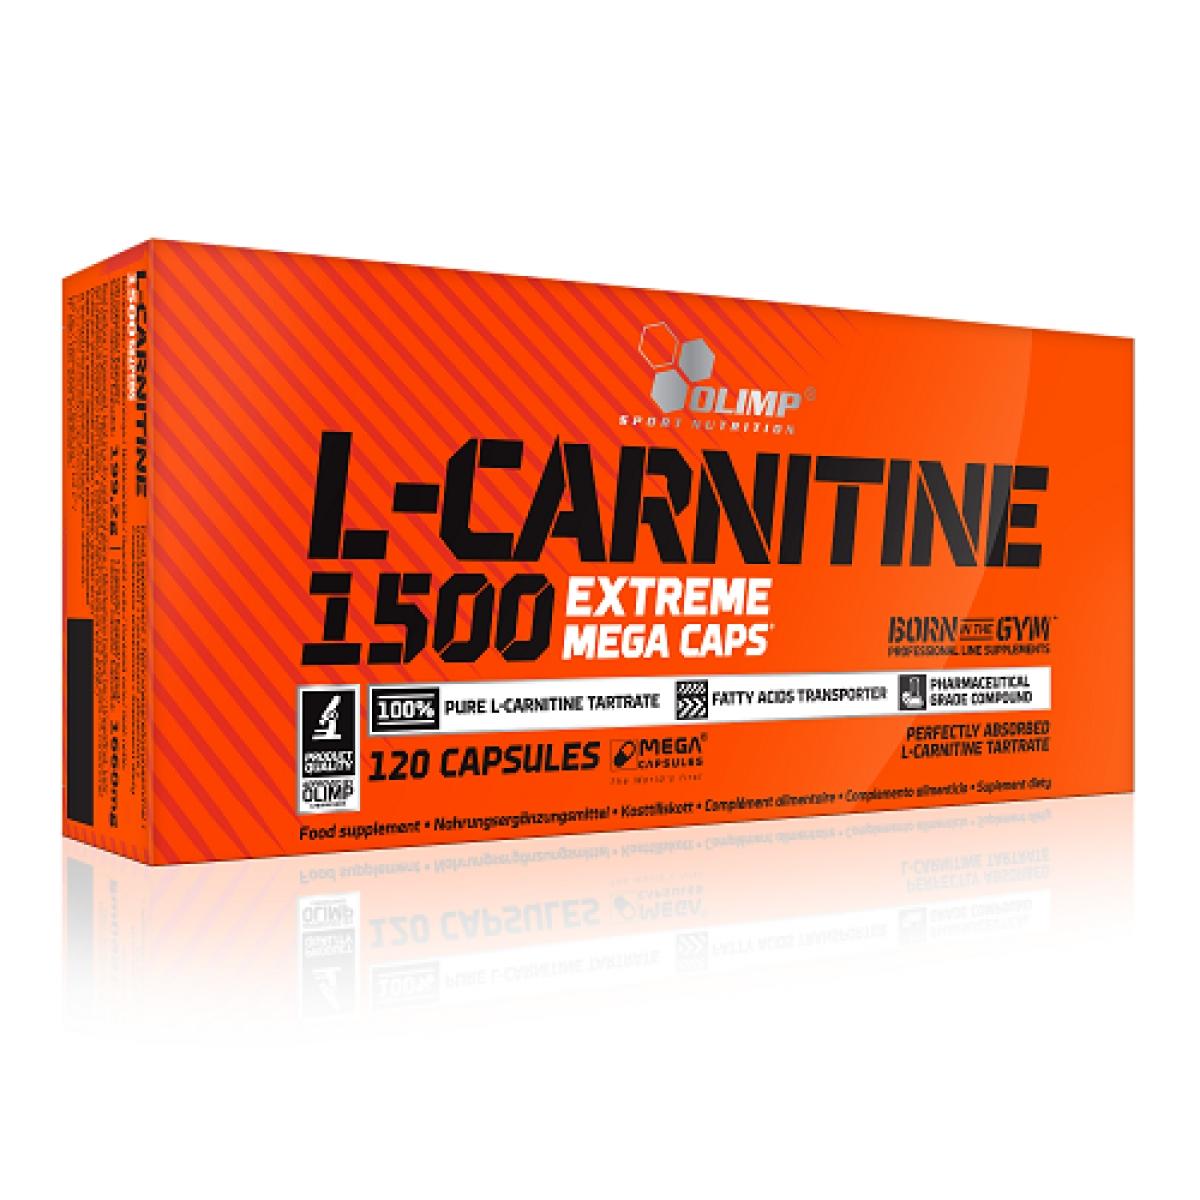 L-CARNITINE 1500, 120 CAPSULES